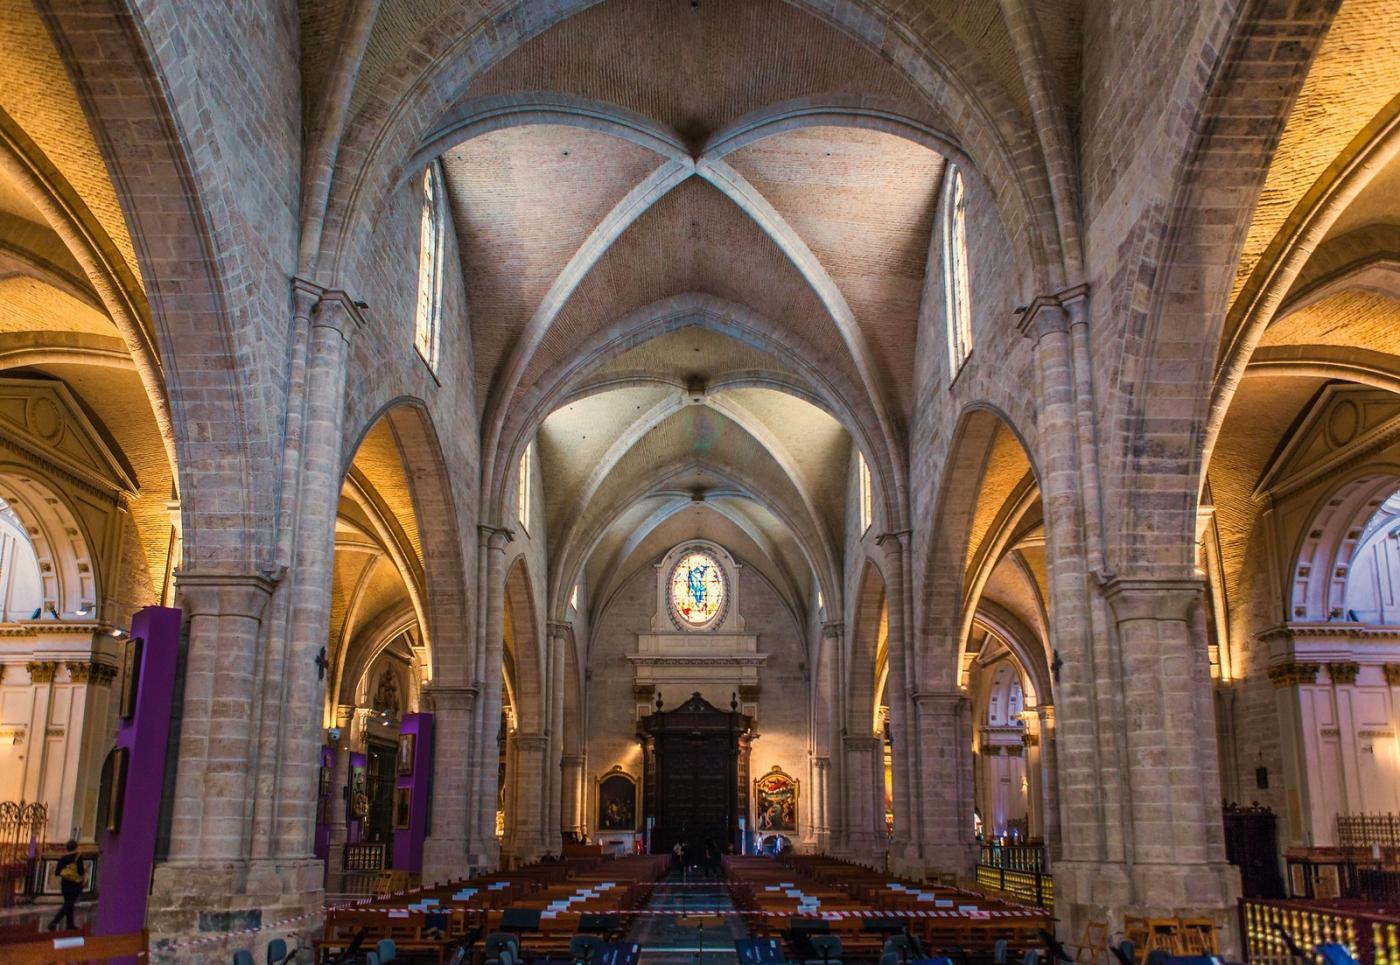 西班牙巴倫西亞主教堂,越看越喜歡_圖1-7